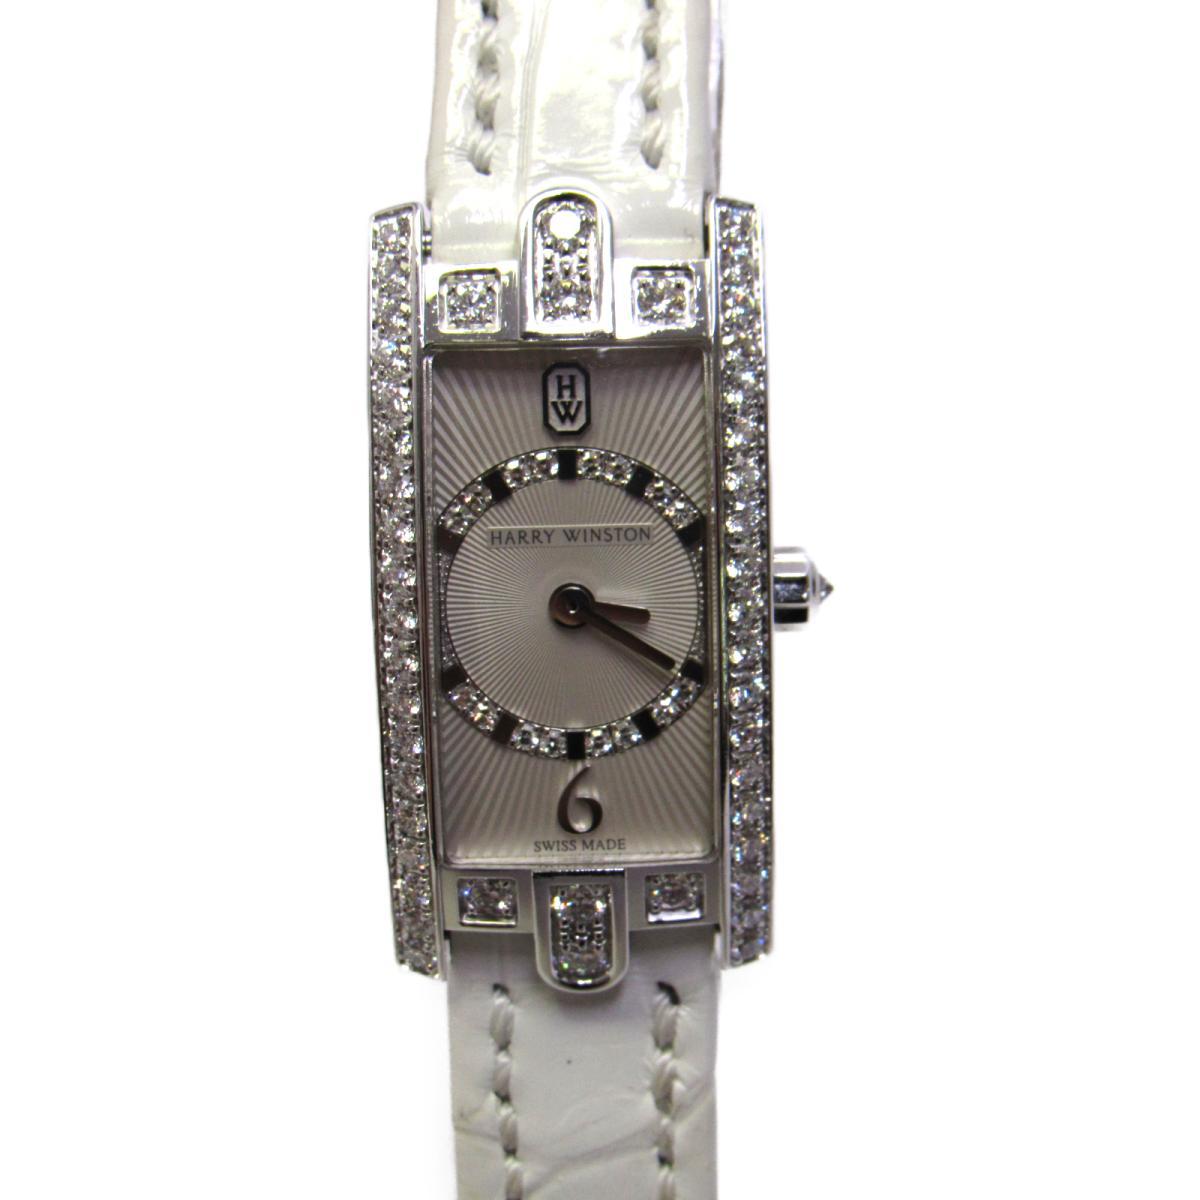 【高知インター店】 ハリーウィンストン アヴェニーCミニ・アールデコ 腕時計 時計 レディース K18WG (750) ダイヤモンド 革ベルト シルバー (AVCQHM15) 【】 | HARRY WINSTON BRANDOFF ブランドオフ ブランド ブランド時計 ブランド腕時計 ウォッチ, CARPARTS TRIADIC ba65e74a